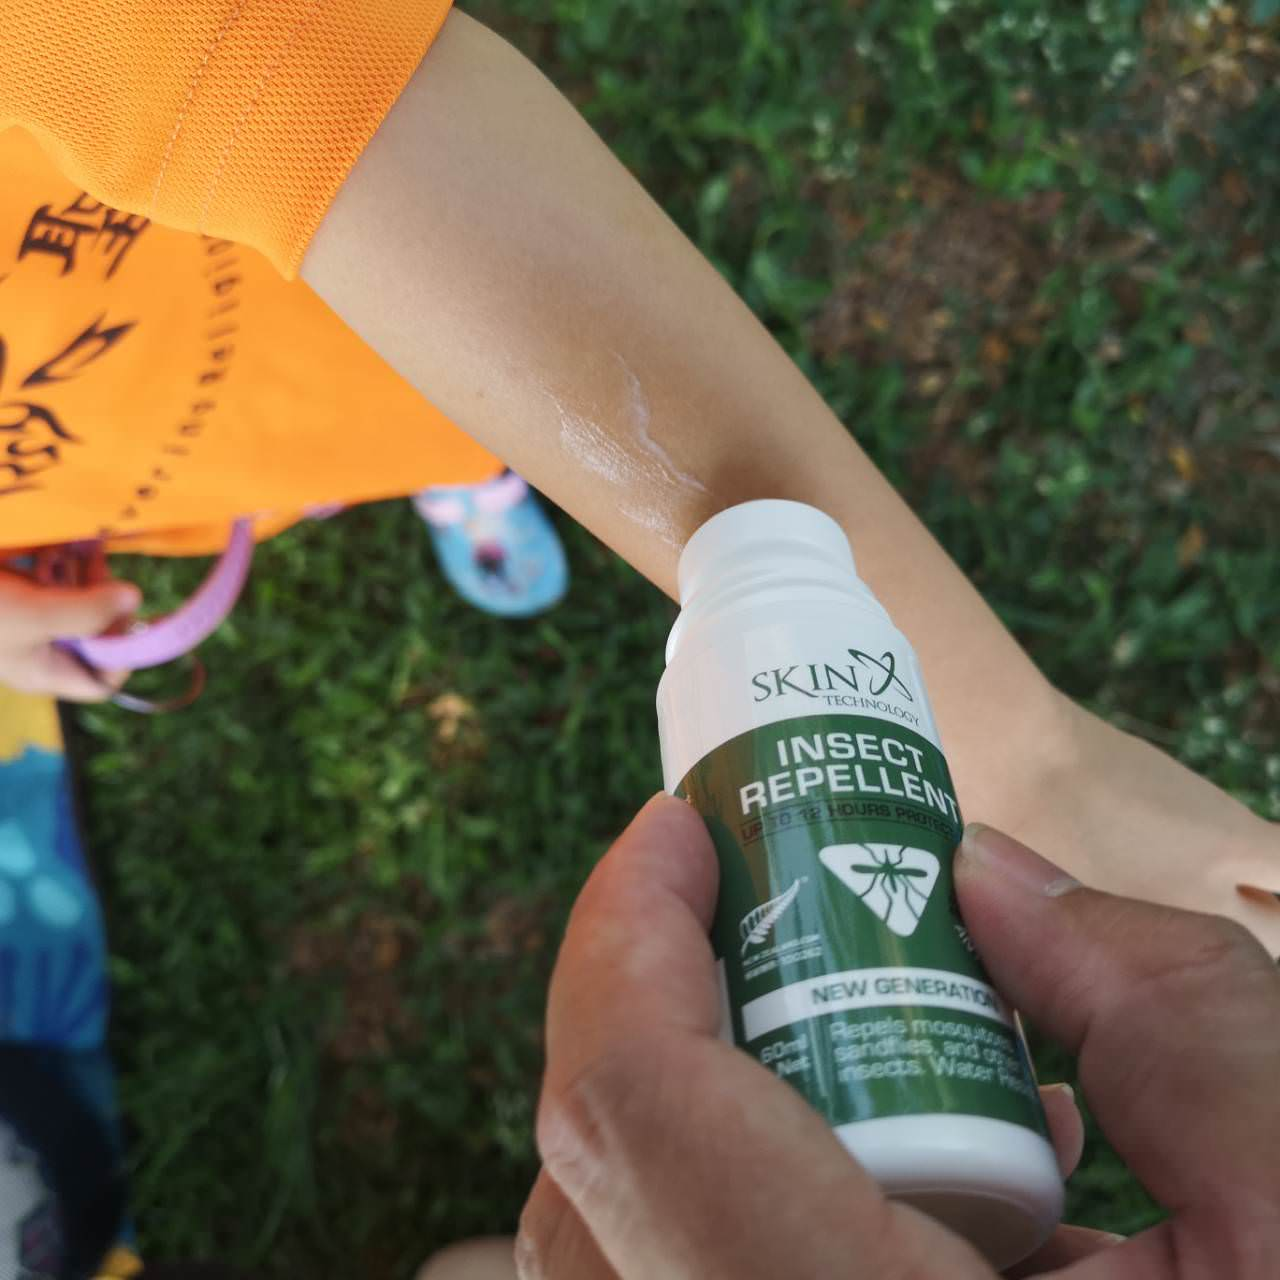 炎炎夏日必備,紐西蘭派卡瑞汀的防蚊系列